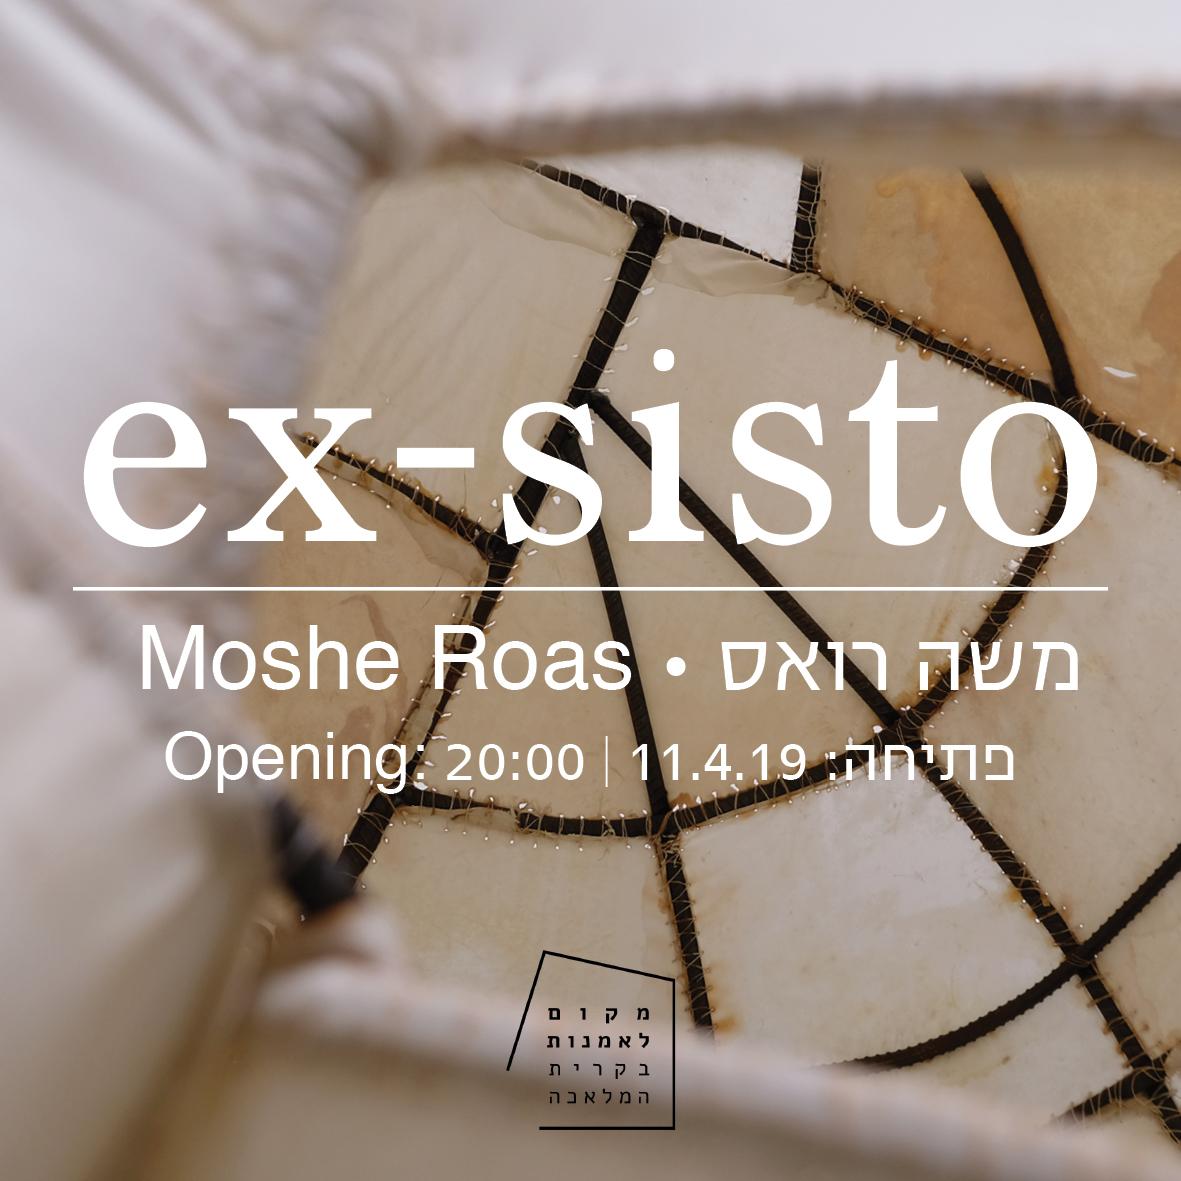 Moshe Roas Ex-sisto